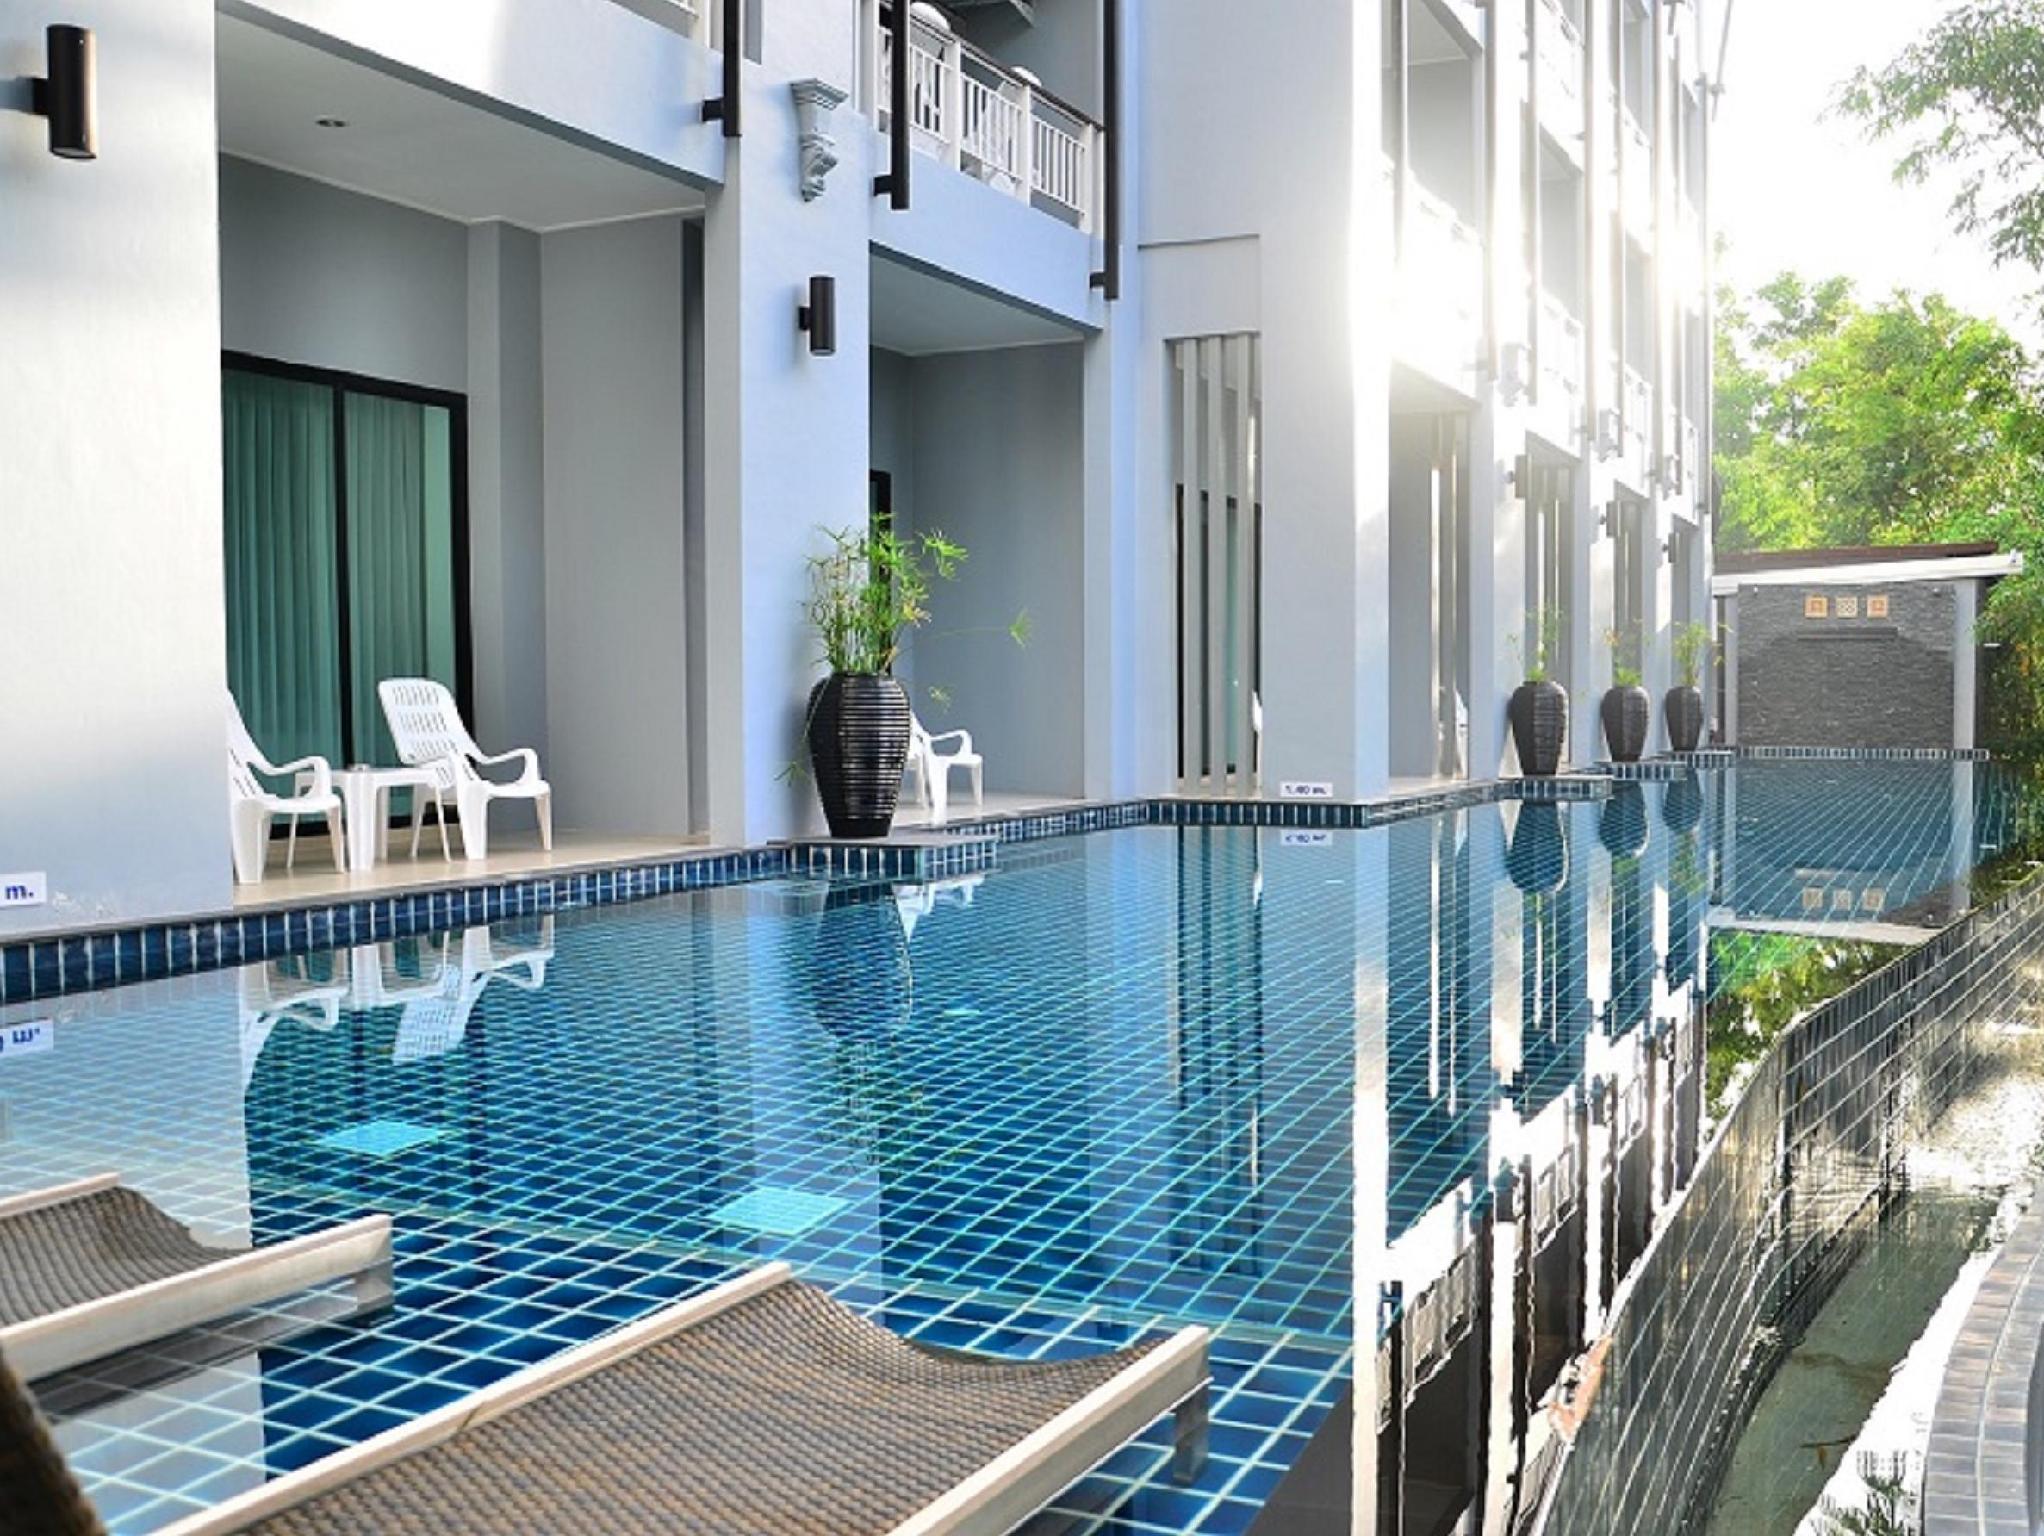 Hotell The Par Phuket Hotel i Kathu_-tt-_Golf_Course, Phuket. Klicka för att läsa mer och skicka bokningsförfrågan